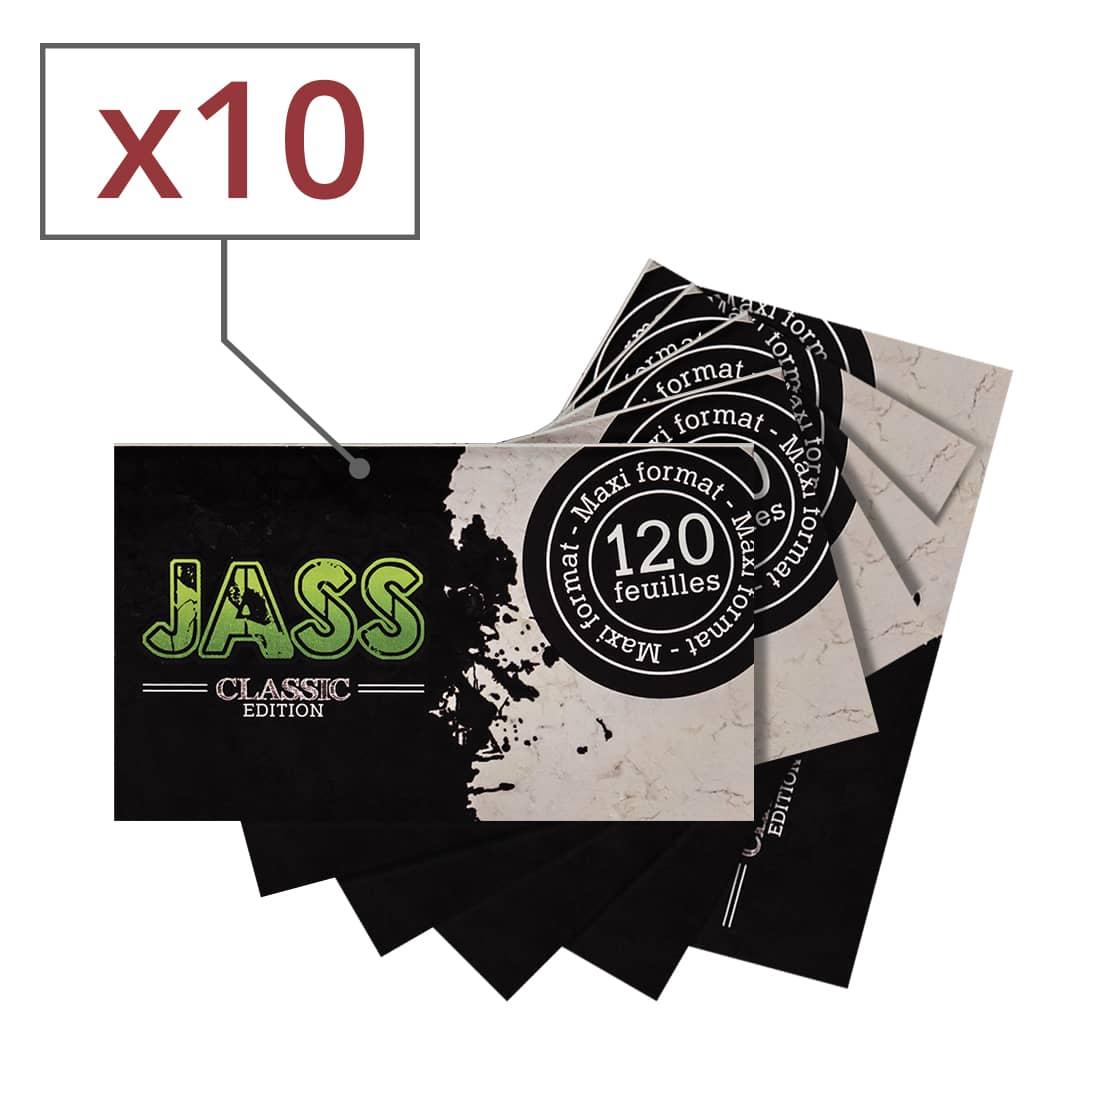 Photo de Papier à rouler Jass Classic Edition x 10